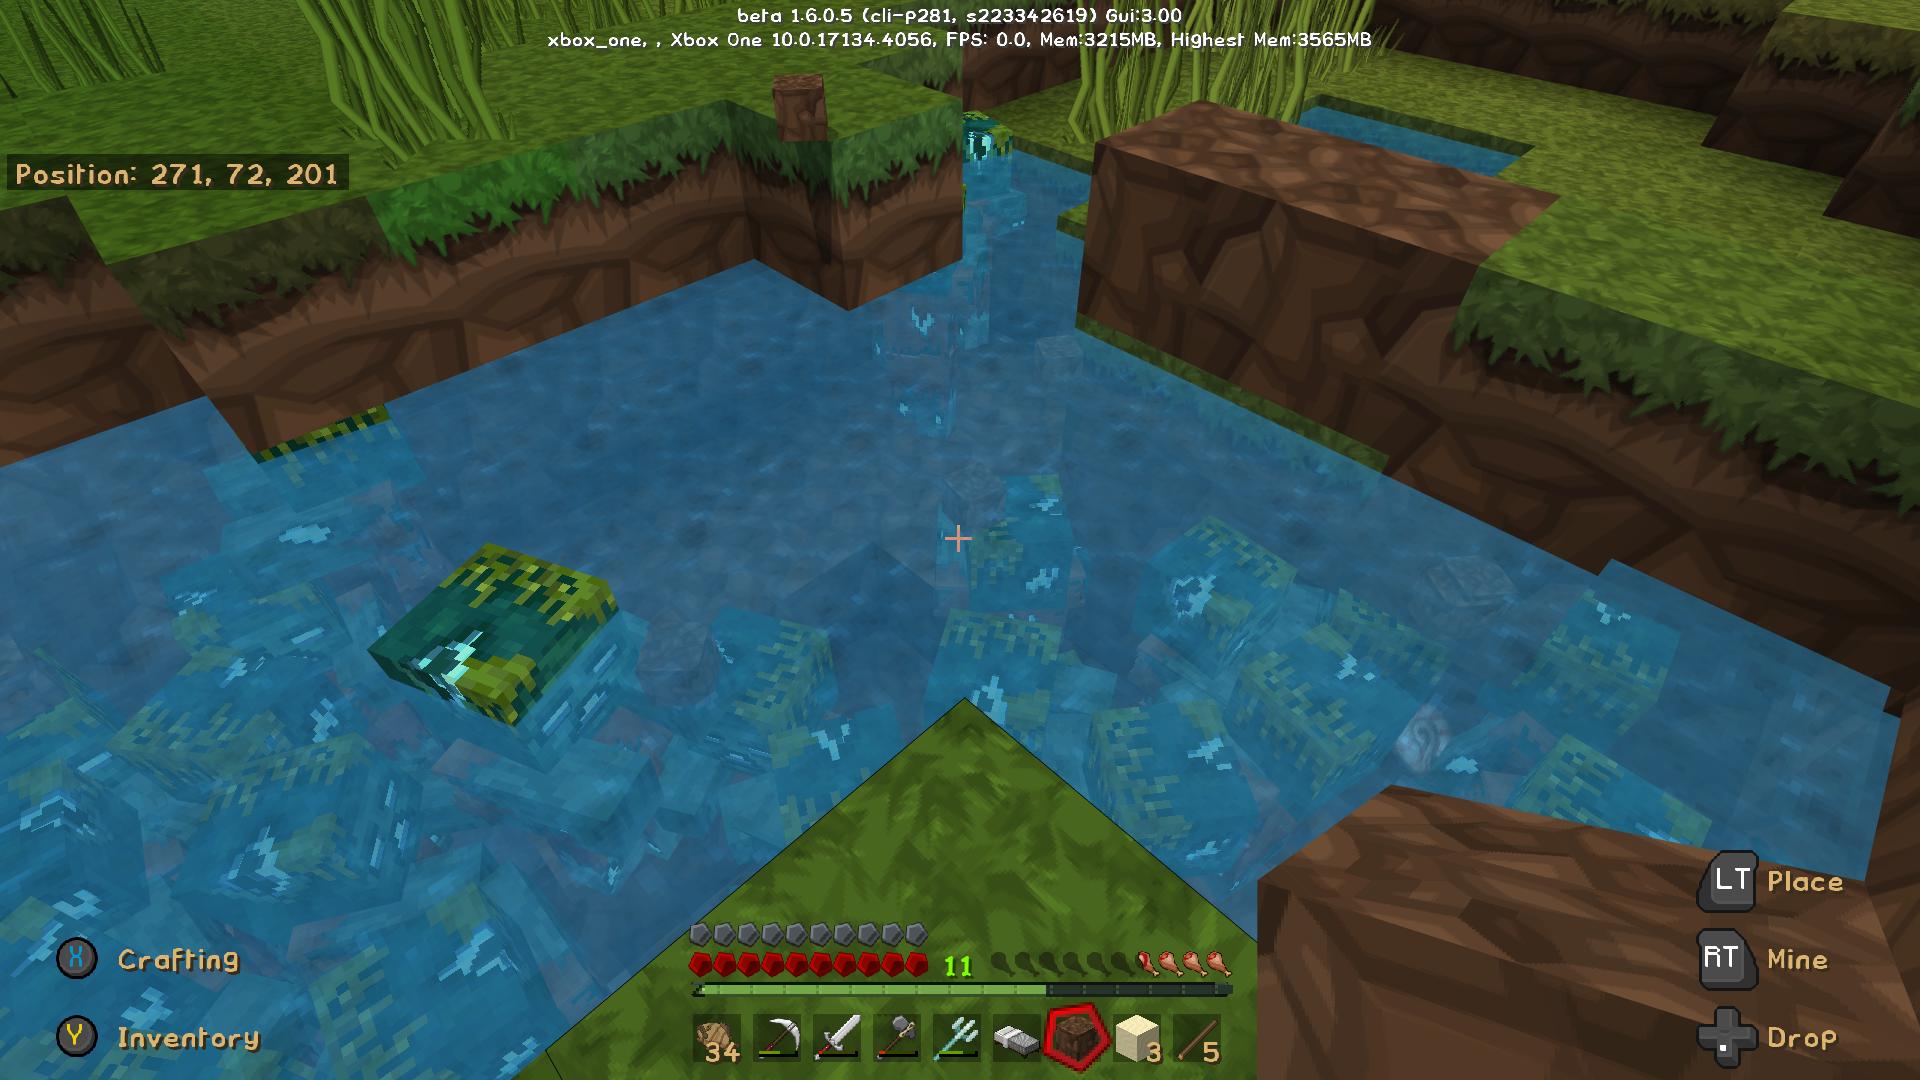 MCPE-35294] Drowned filling mobcap - Jira